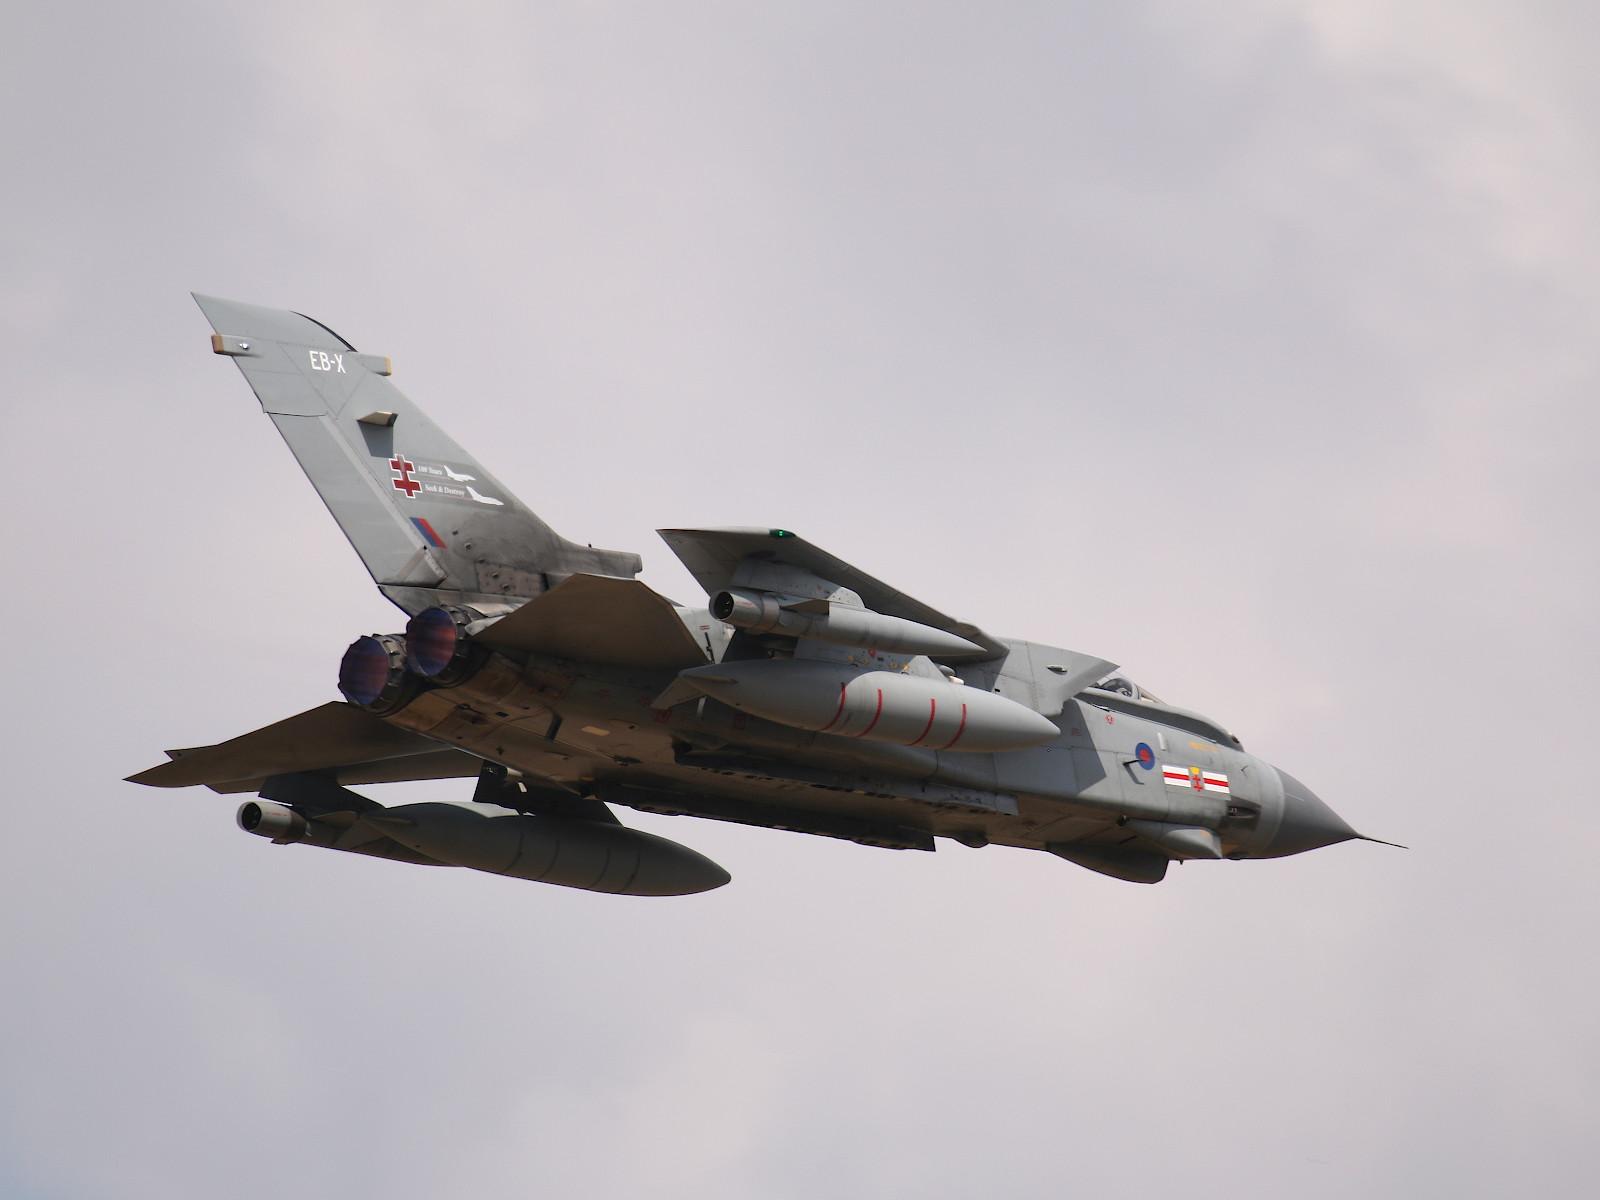 Panavia Tornado GR.4 ZA607/EB-X © Doppeladler.com